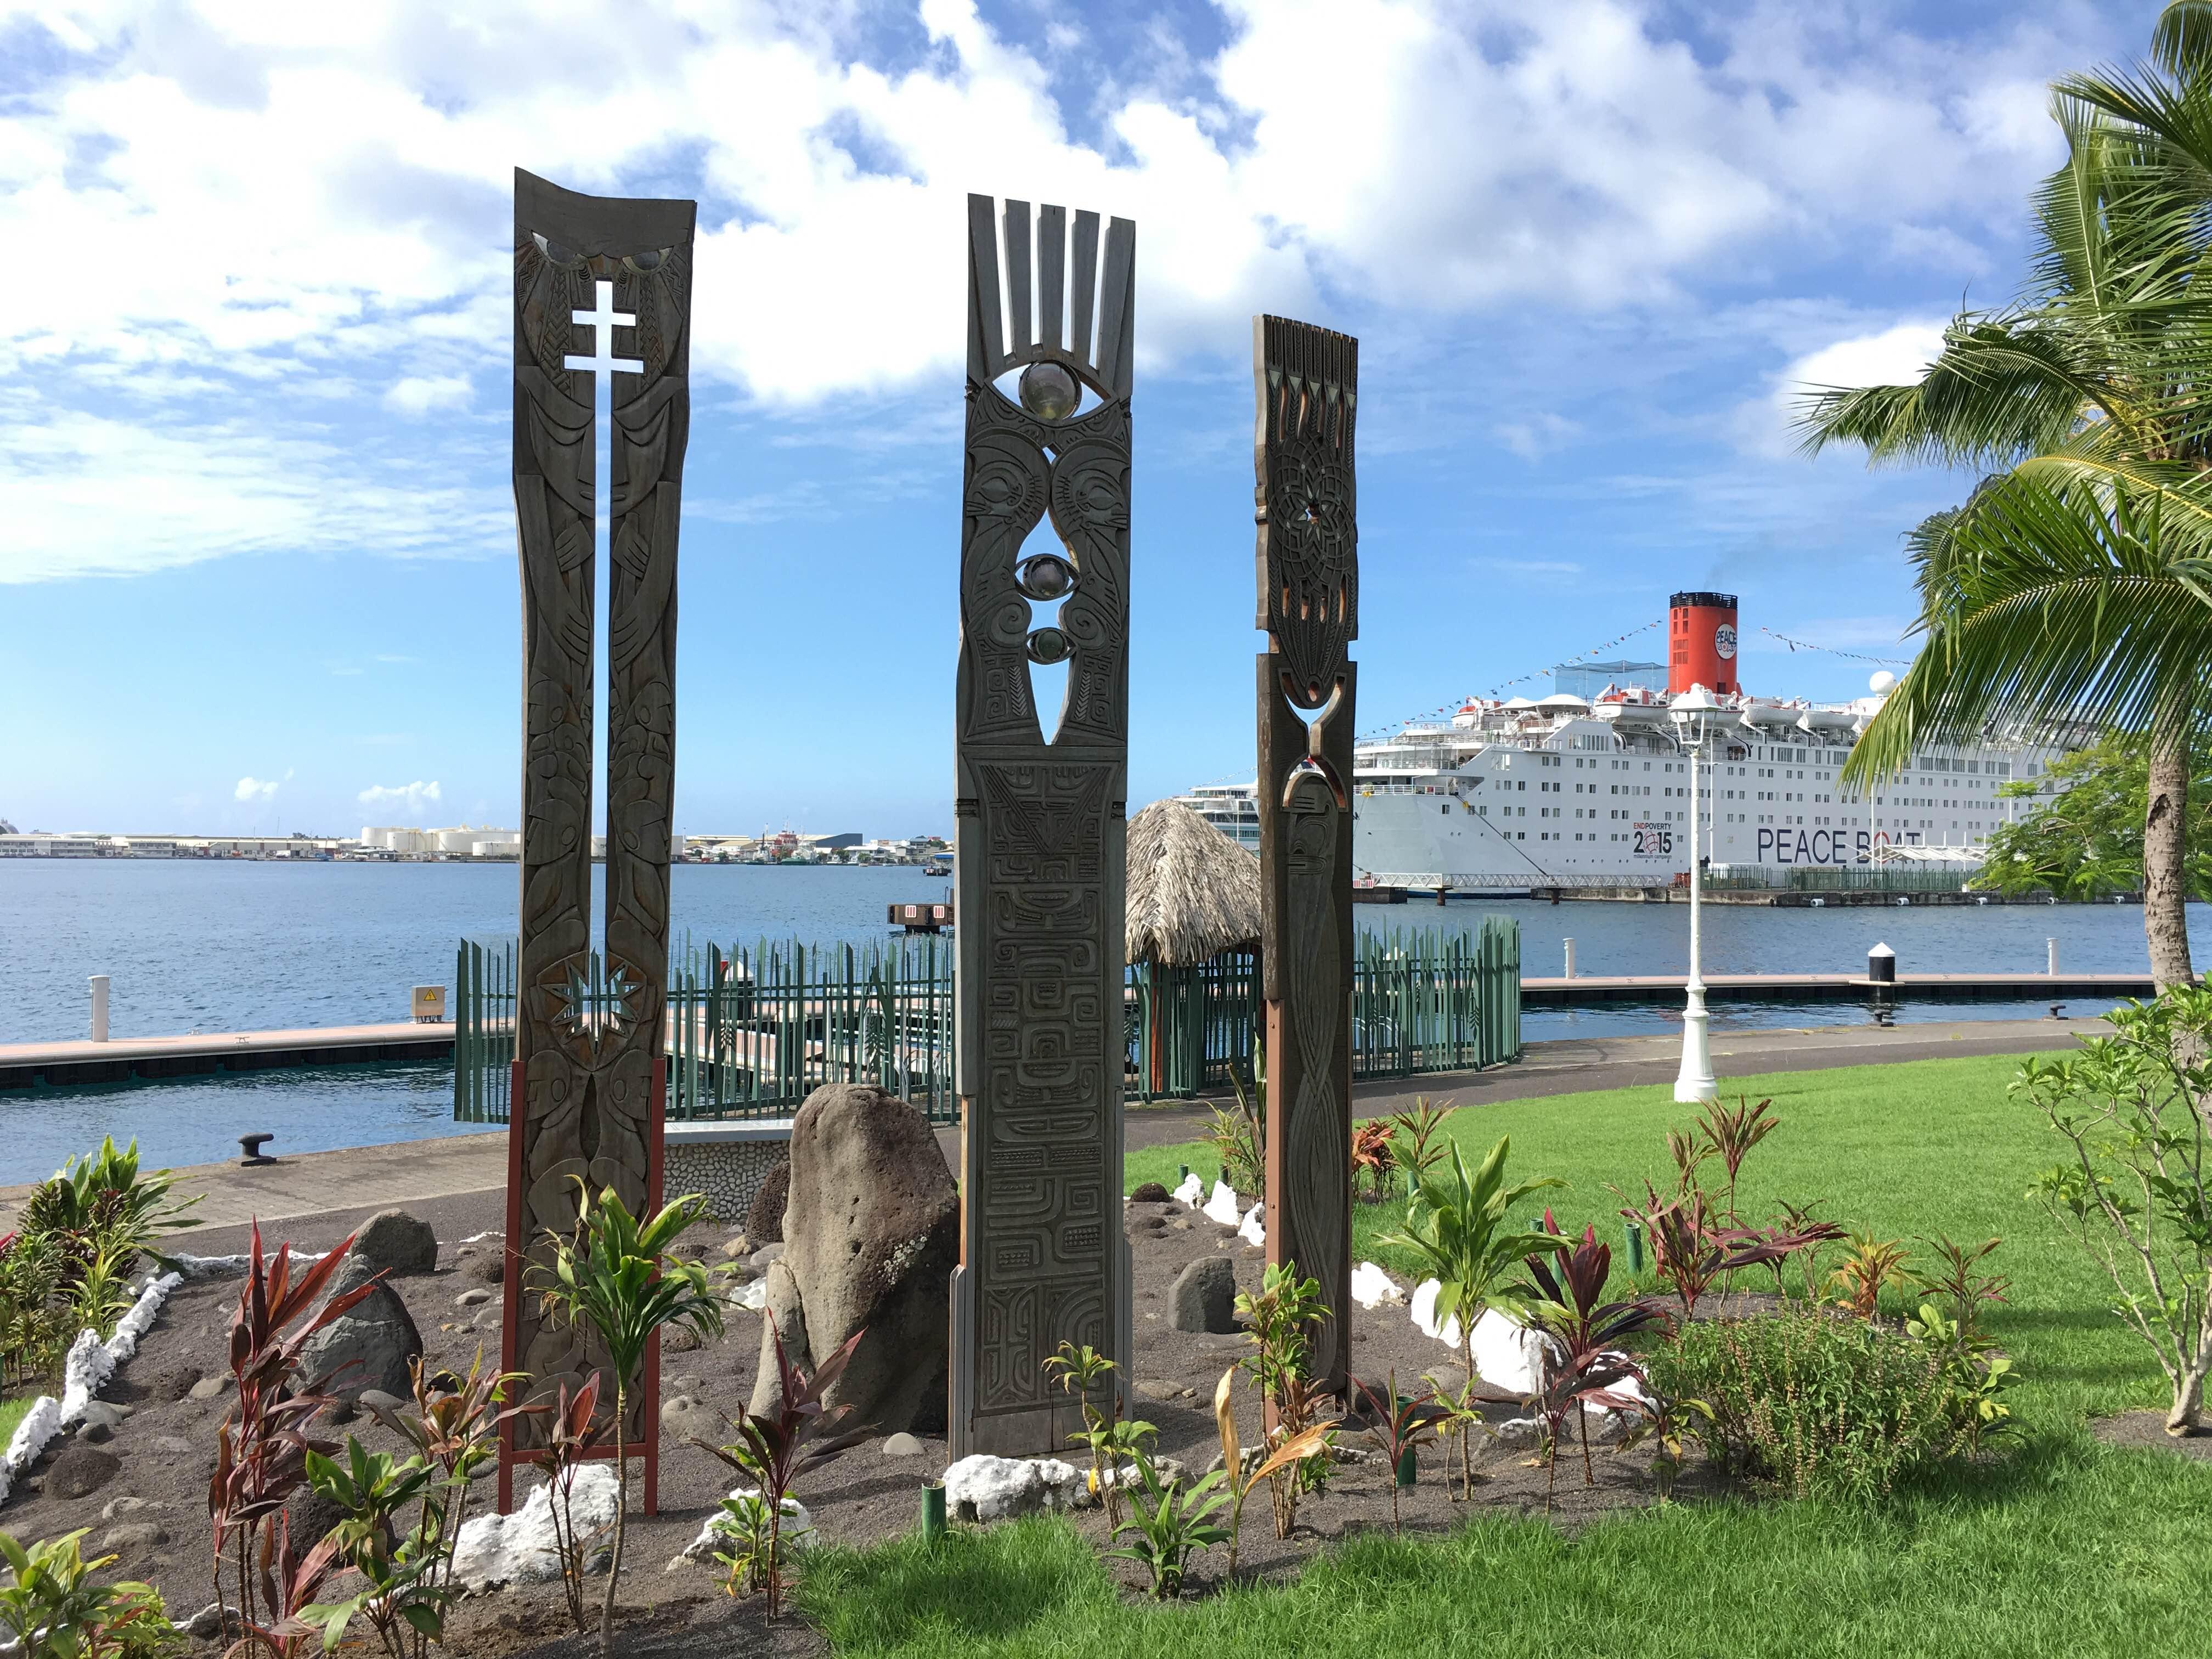 タヒチ・パペーテの港の近くにある核被害を受けた島々を表現するモニュメント